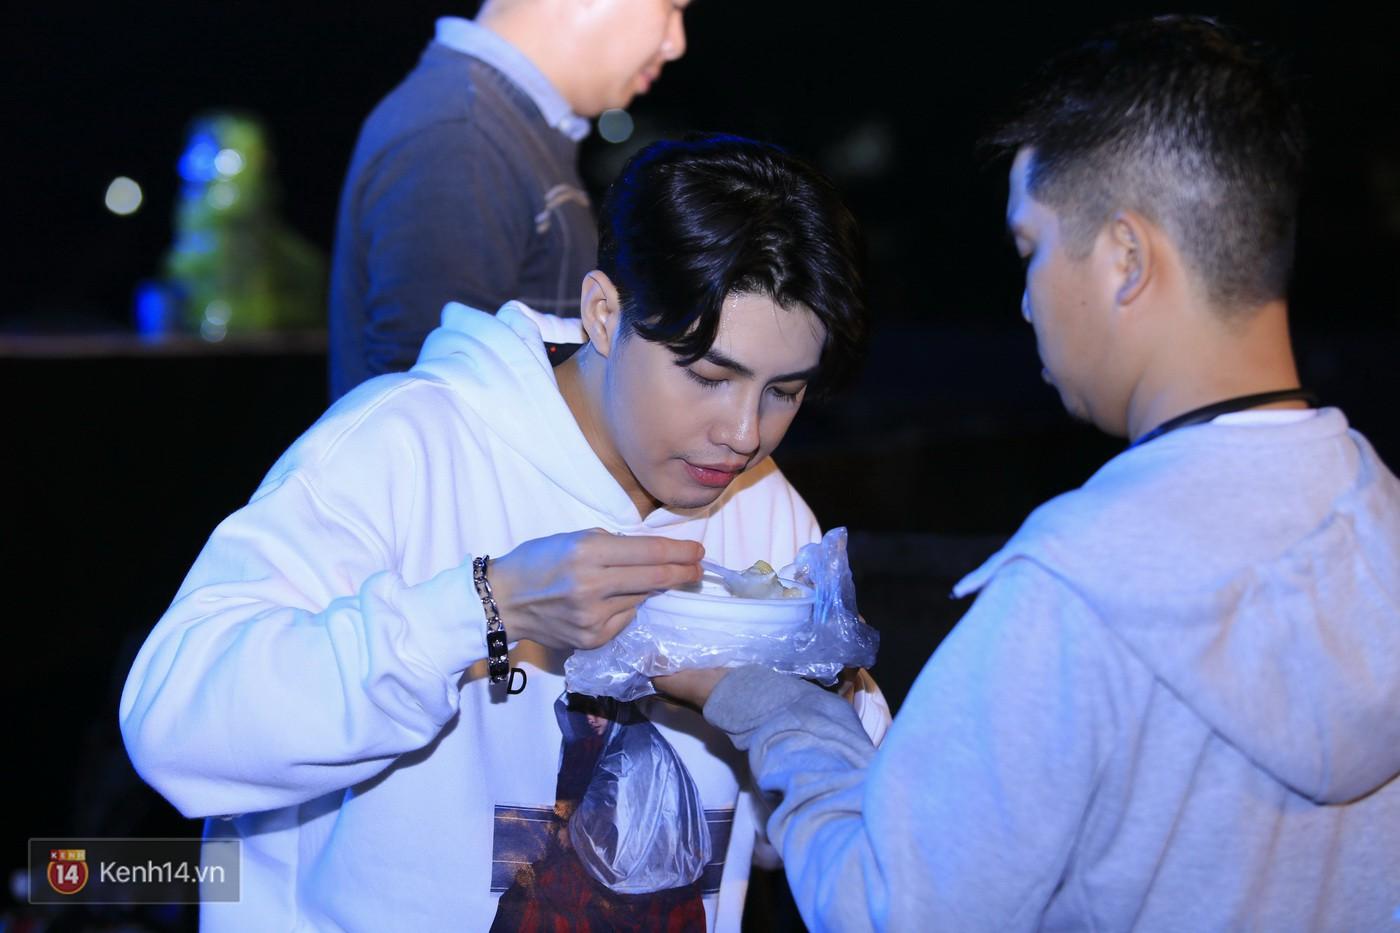 Noo Phước Thịnh tập trung cao độ cho buổi tổng duyệt chính thức trước thềm liveshow kỉ niệm 9 năm ca hát - Ảnh 14.